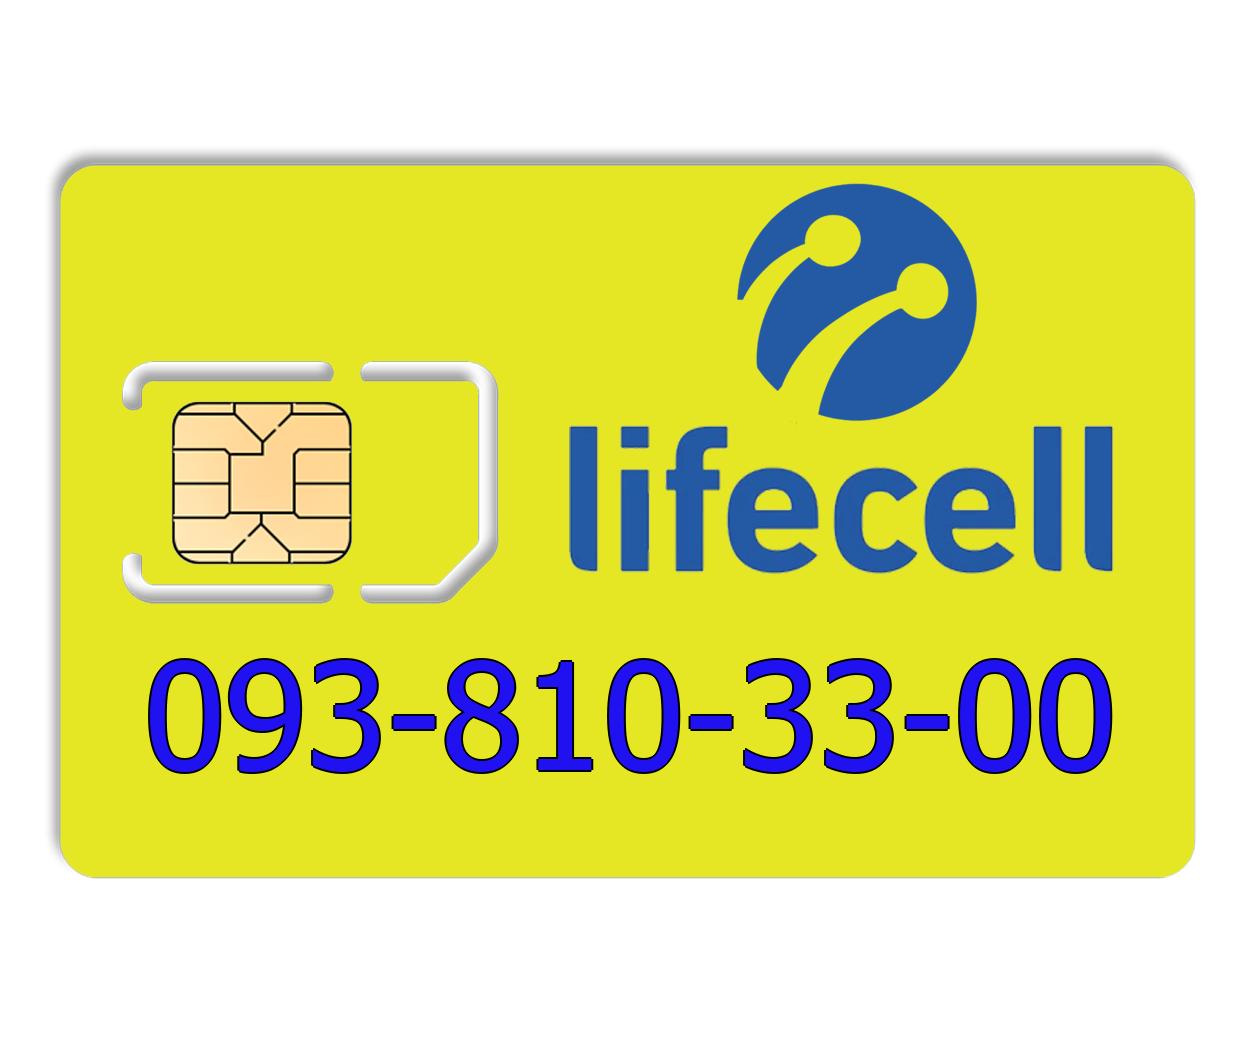 Красивый номер lifecell 093-810-33-00